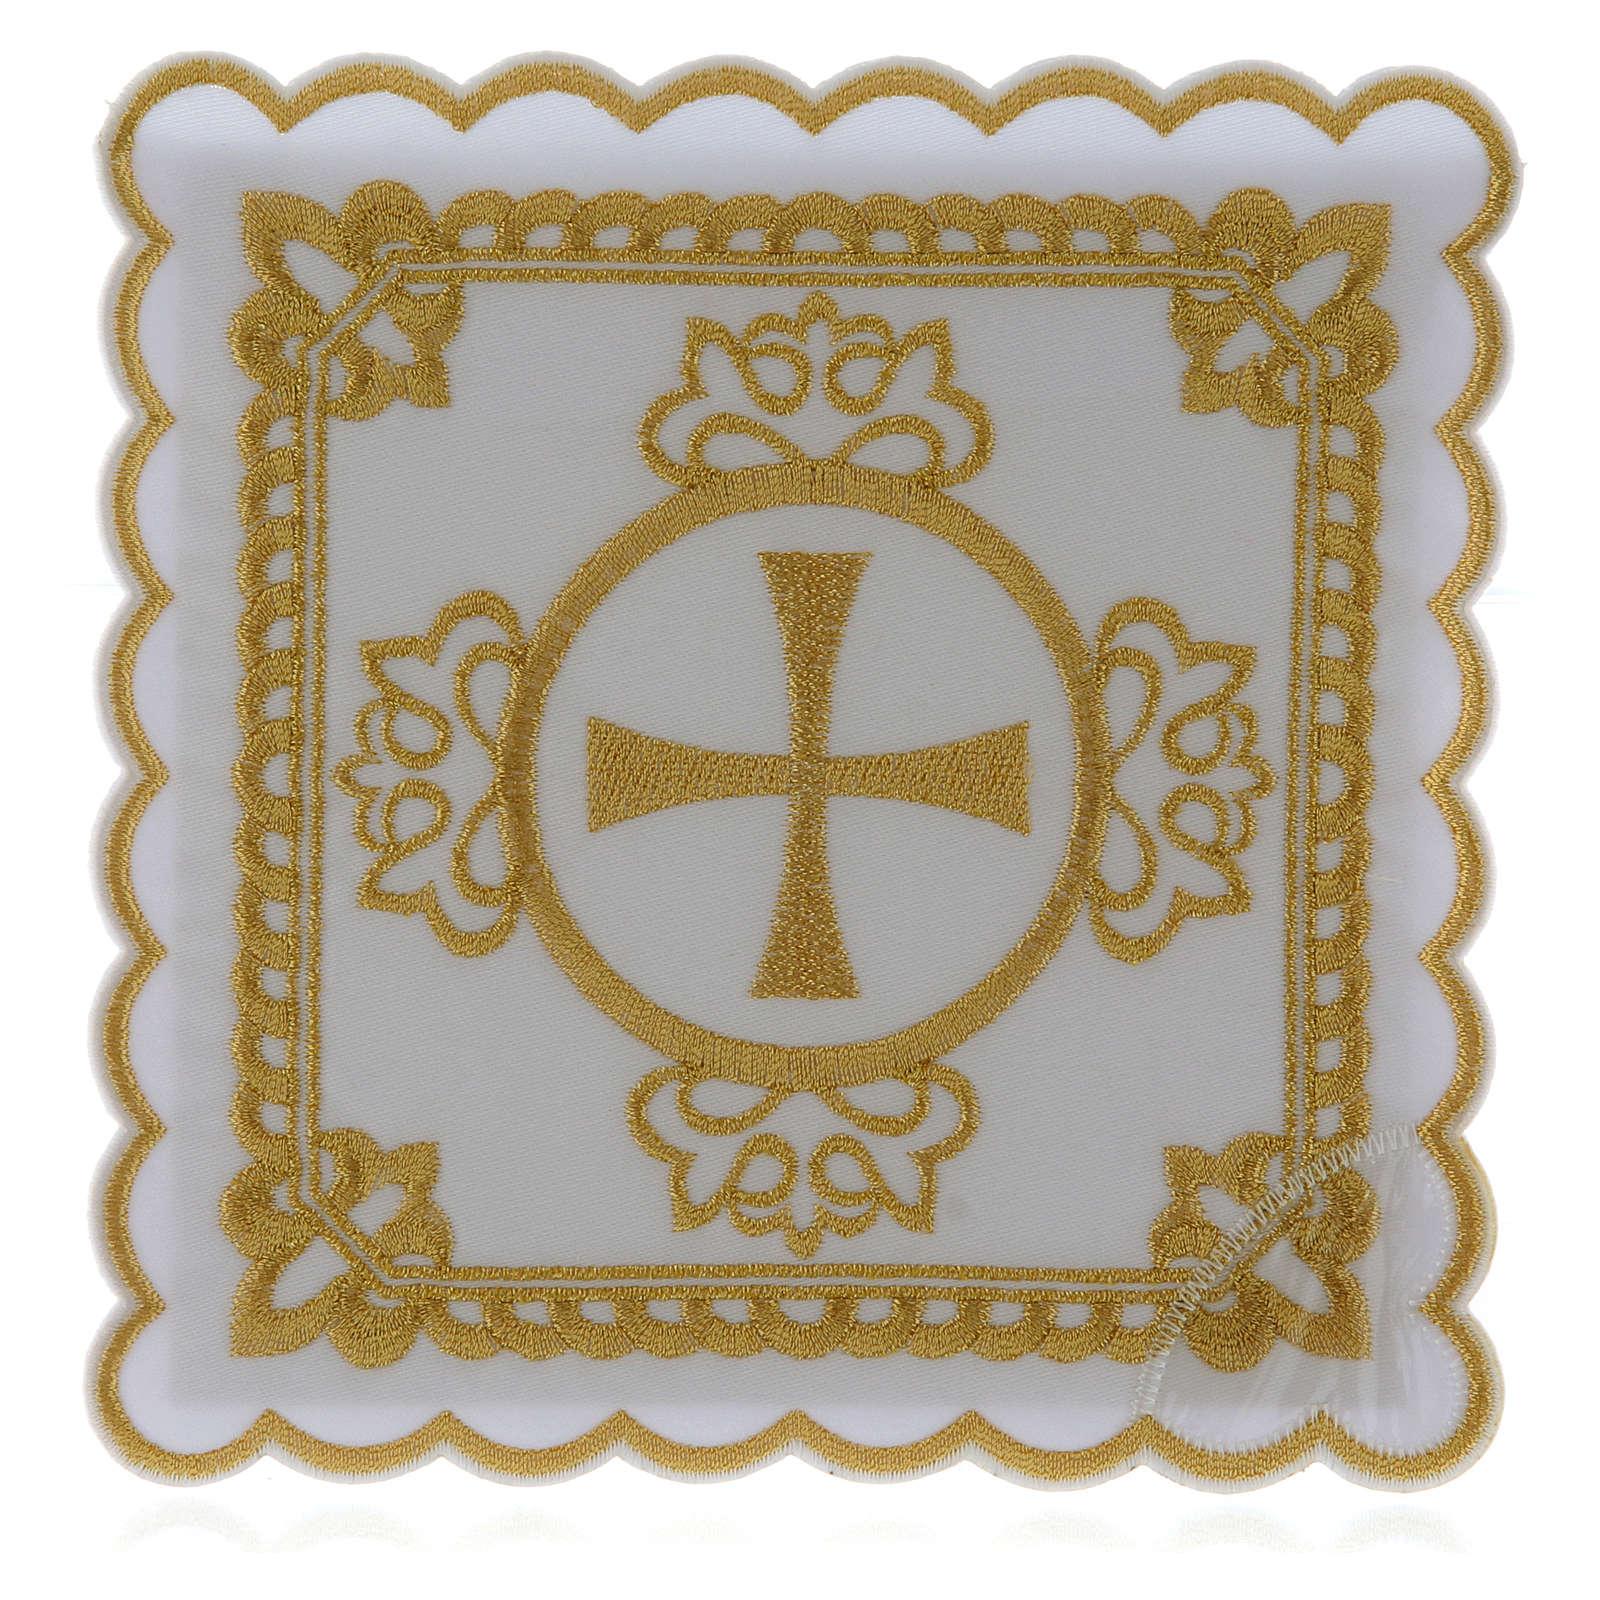 Servizio da altare cotone croce decori ricamati dorati 4